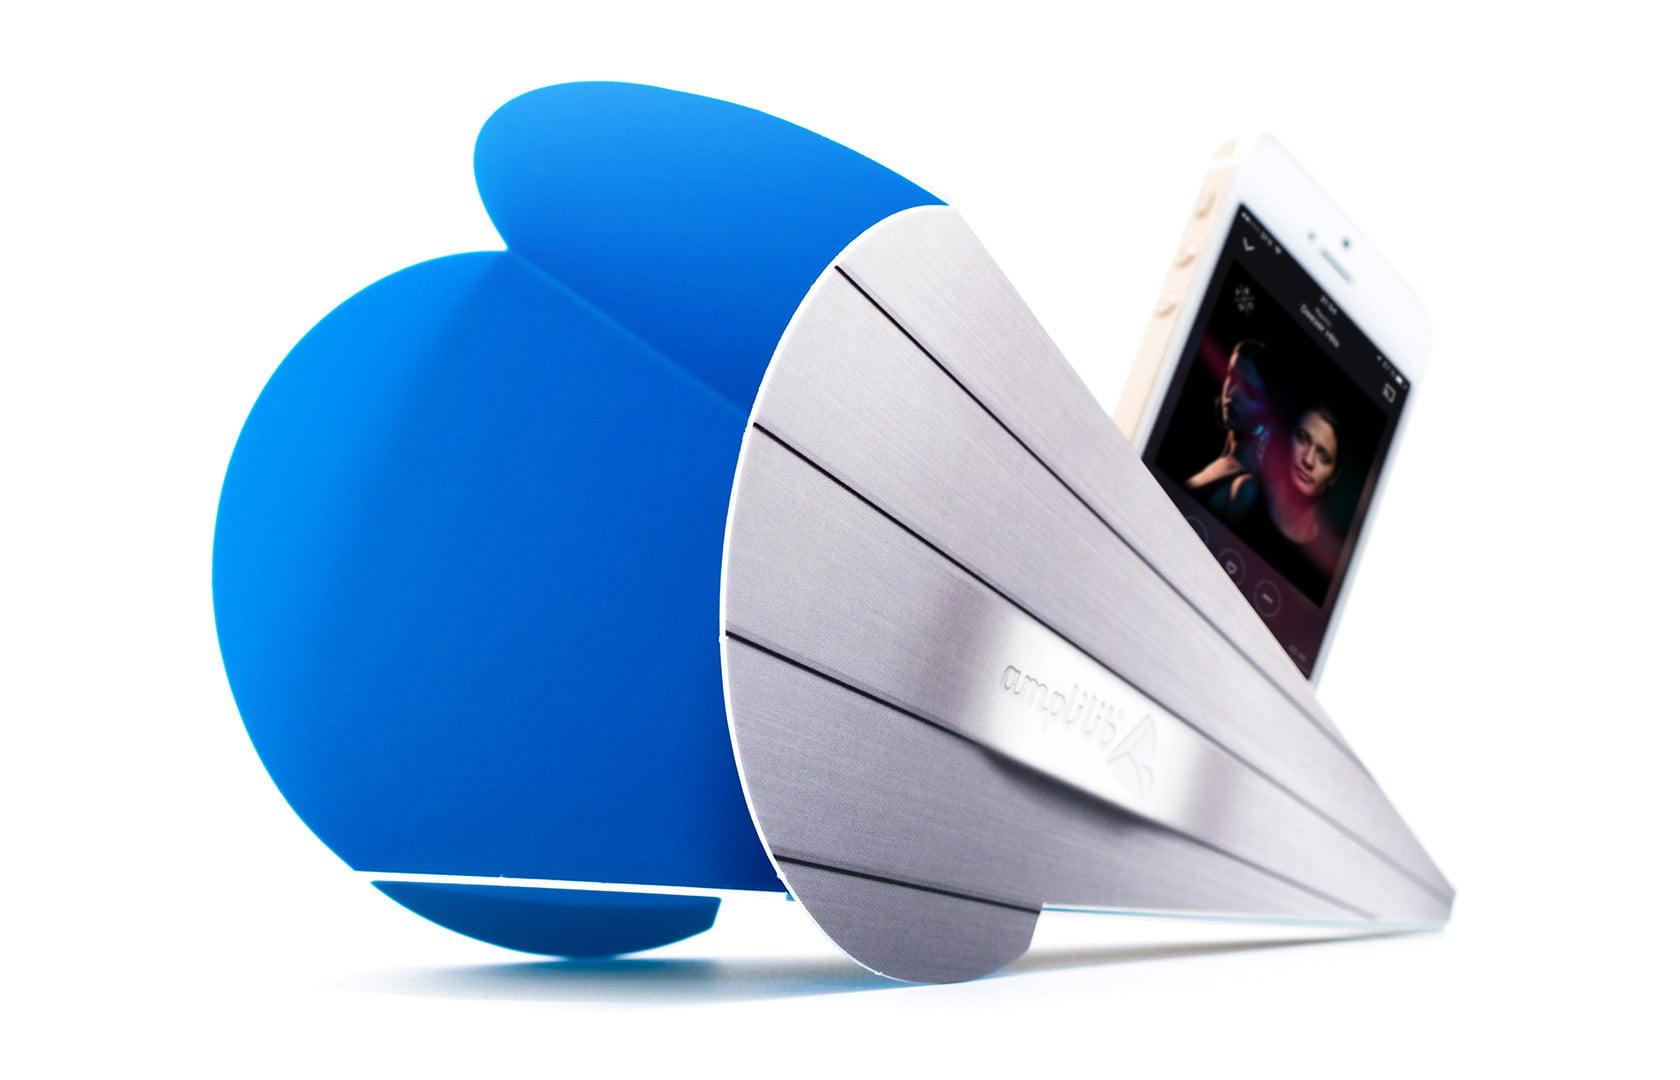 lame_bleu_2 #Concours : 5 amplificateurs de son pour smartphone Amplilib à gagner !